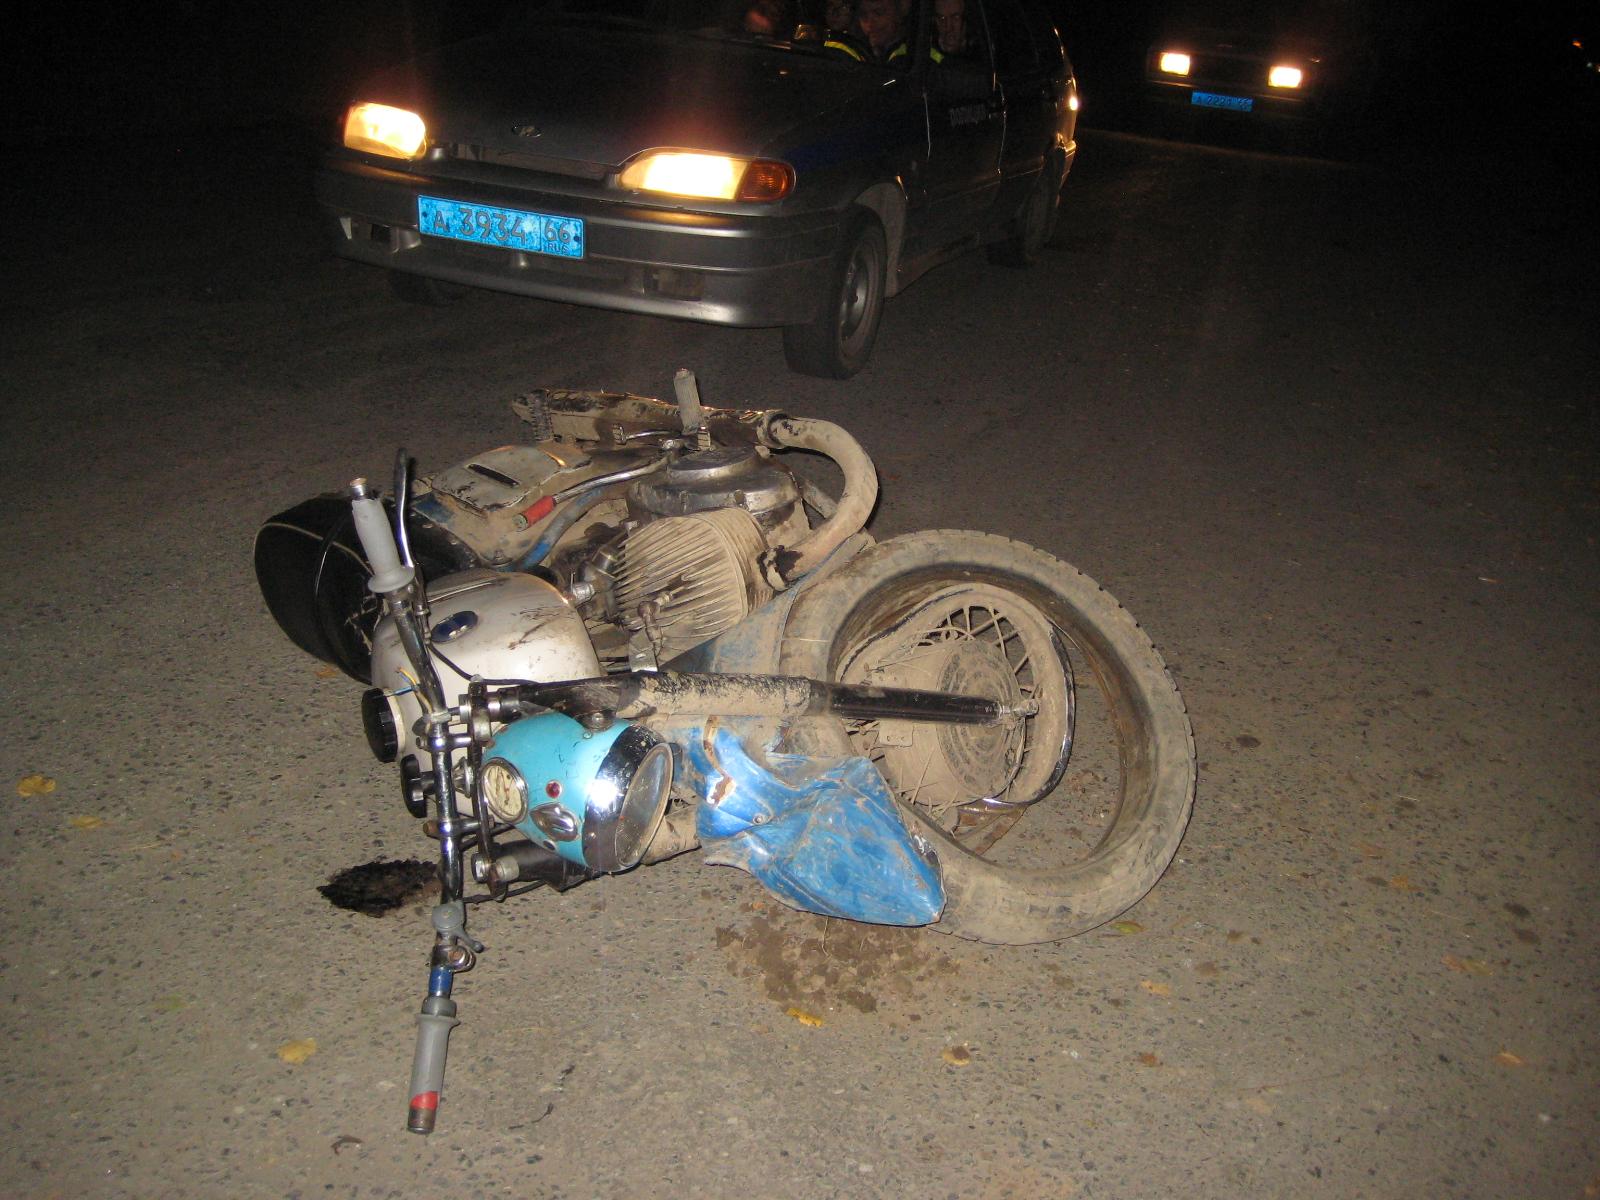 Смертельное ДТП под Салдой: байкер без прав врезался в Lada